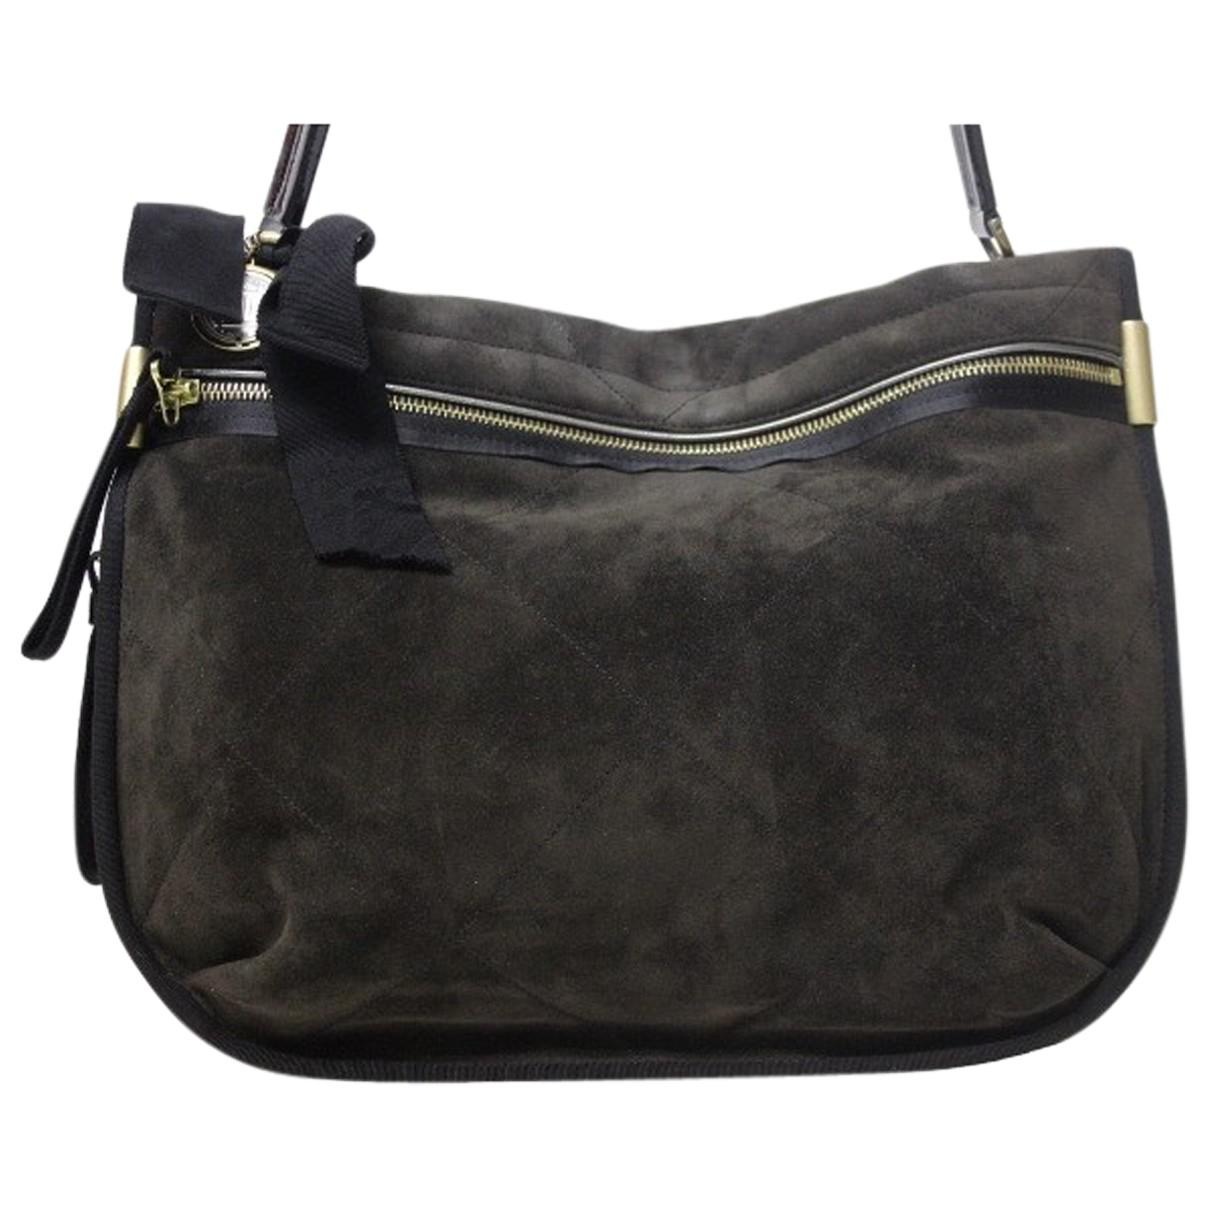 Lanvin Pre-owned - Cloth handbag e95aY9y3c